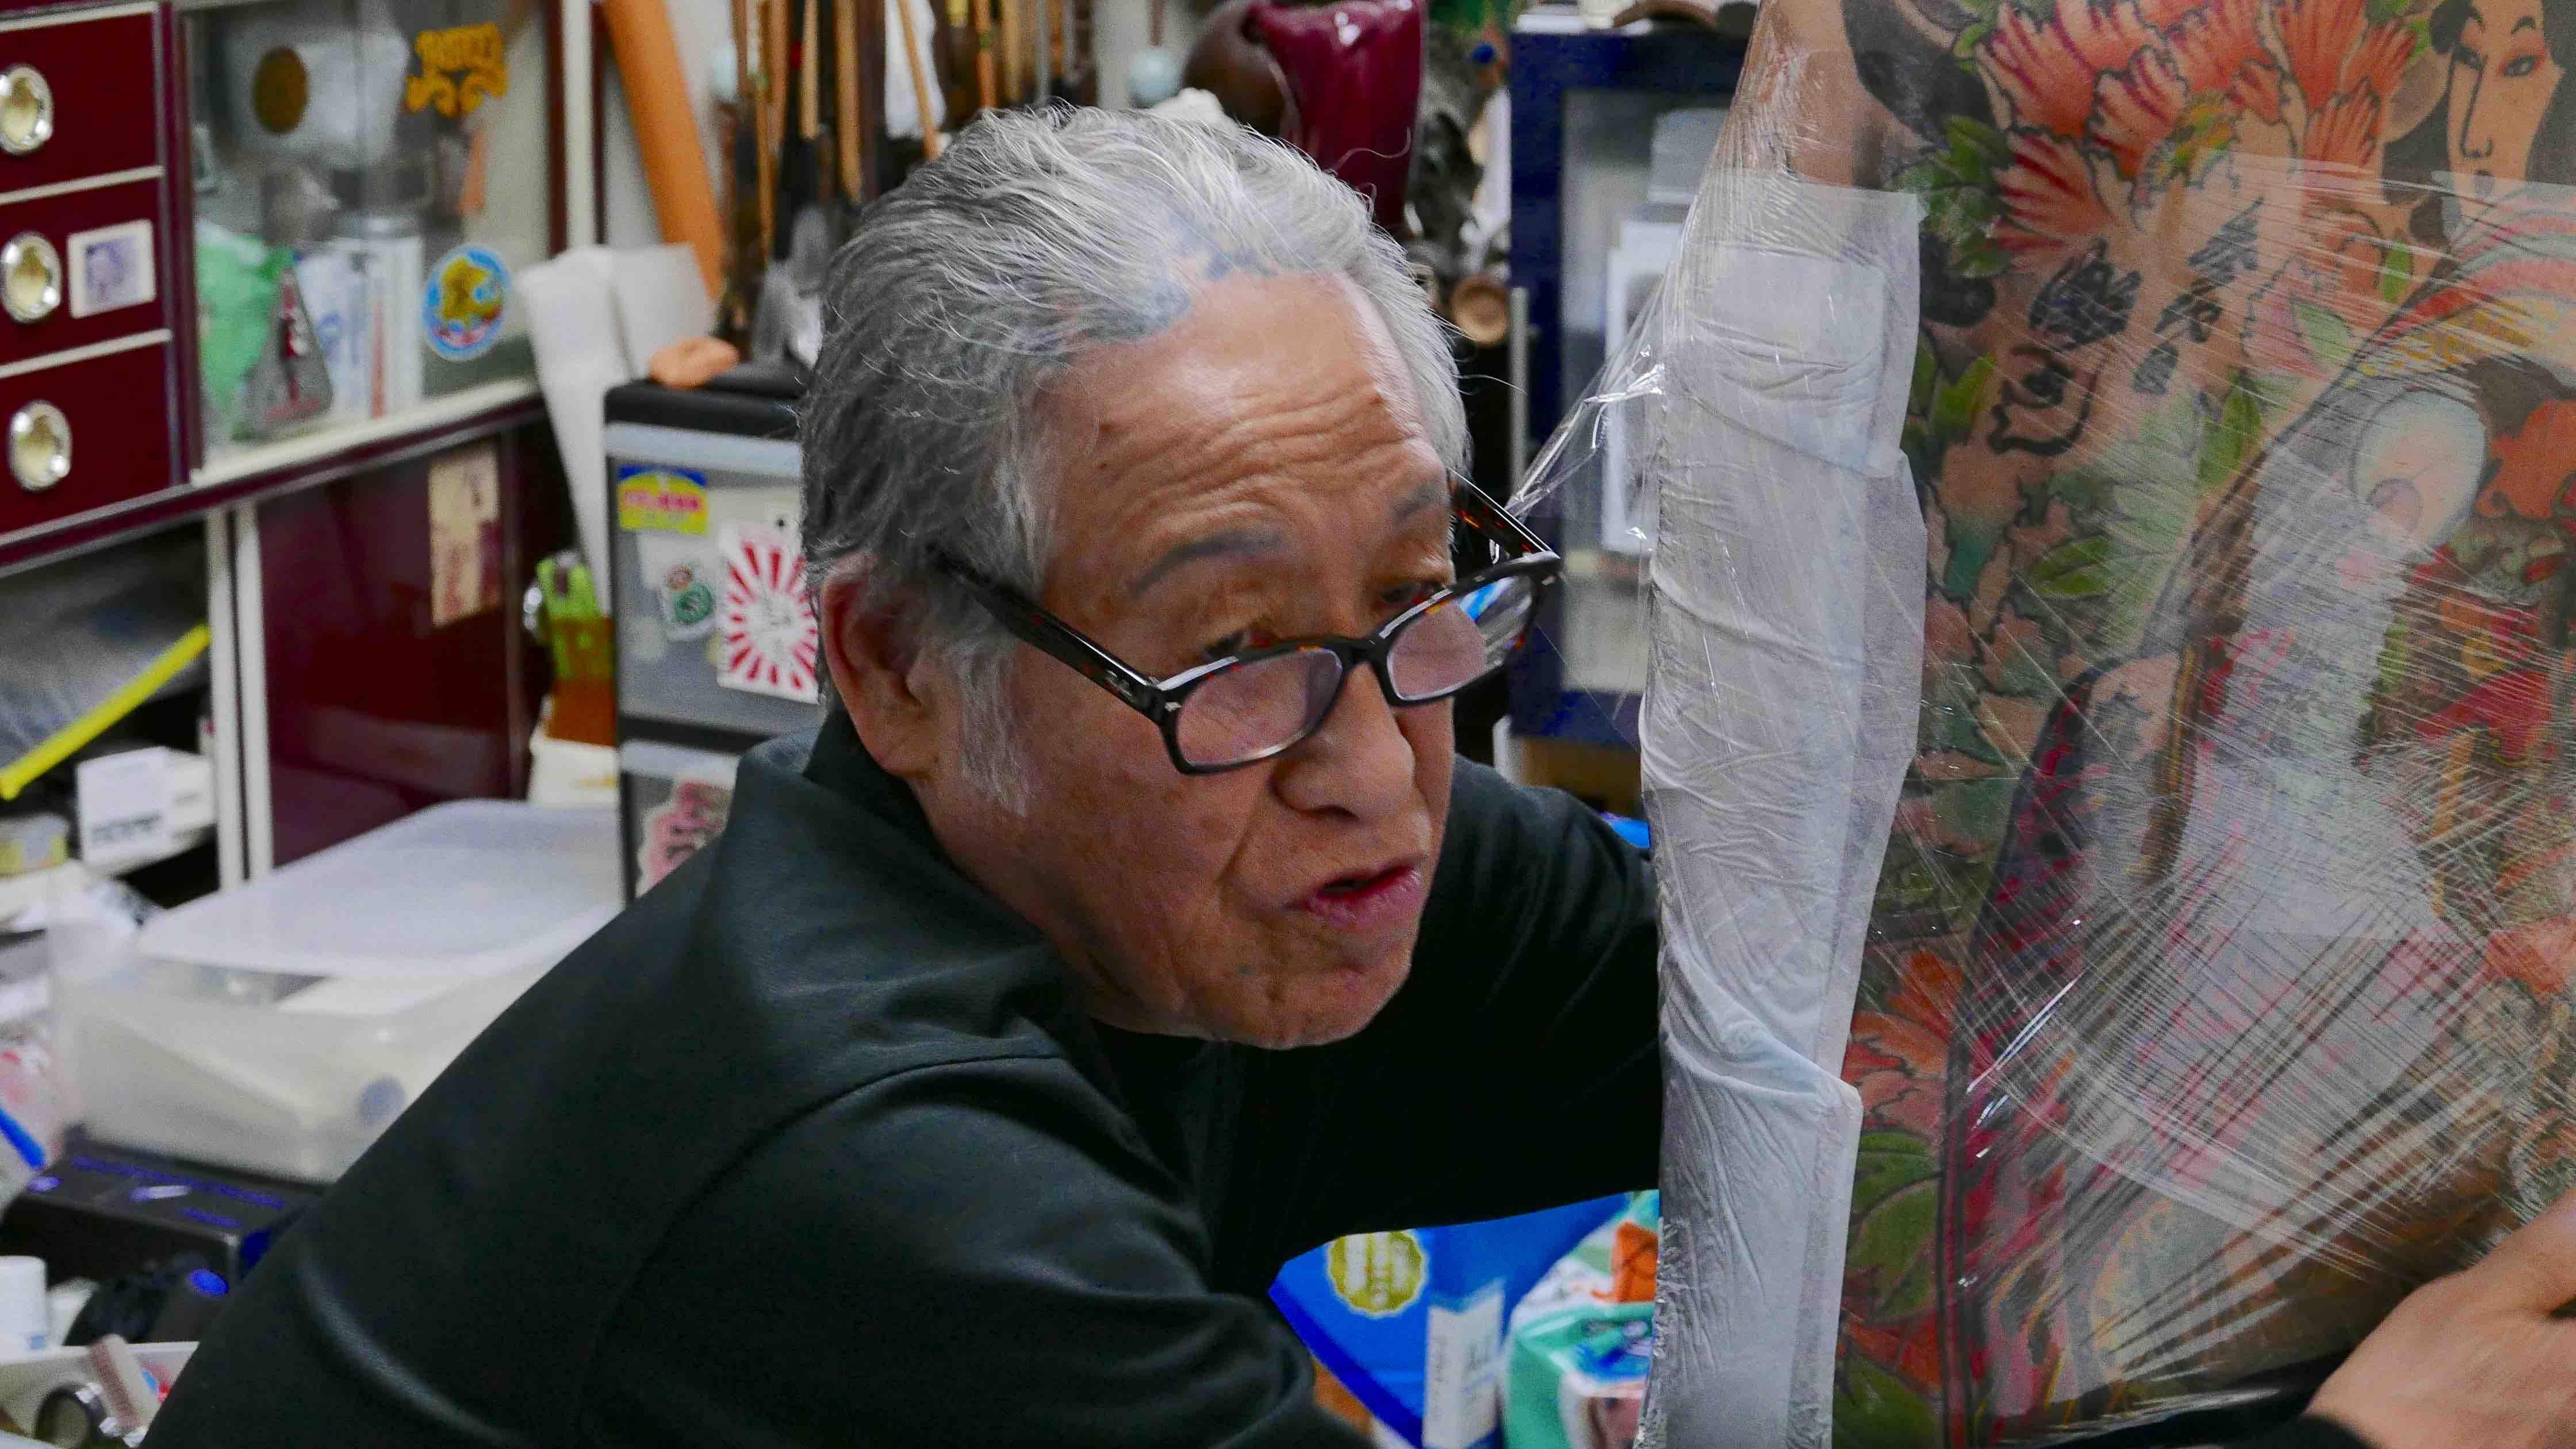 El Tatuador De La Yakuza Explica Por Qué Los Tatuajes Nunca Deberían